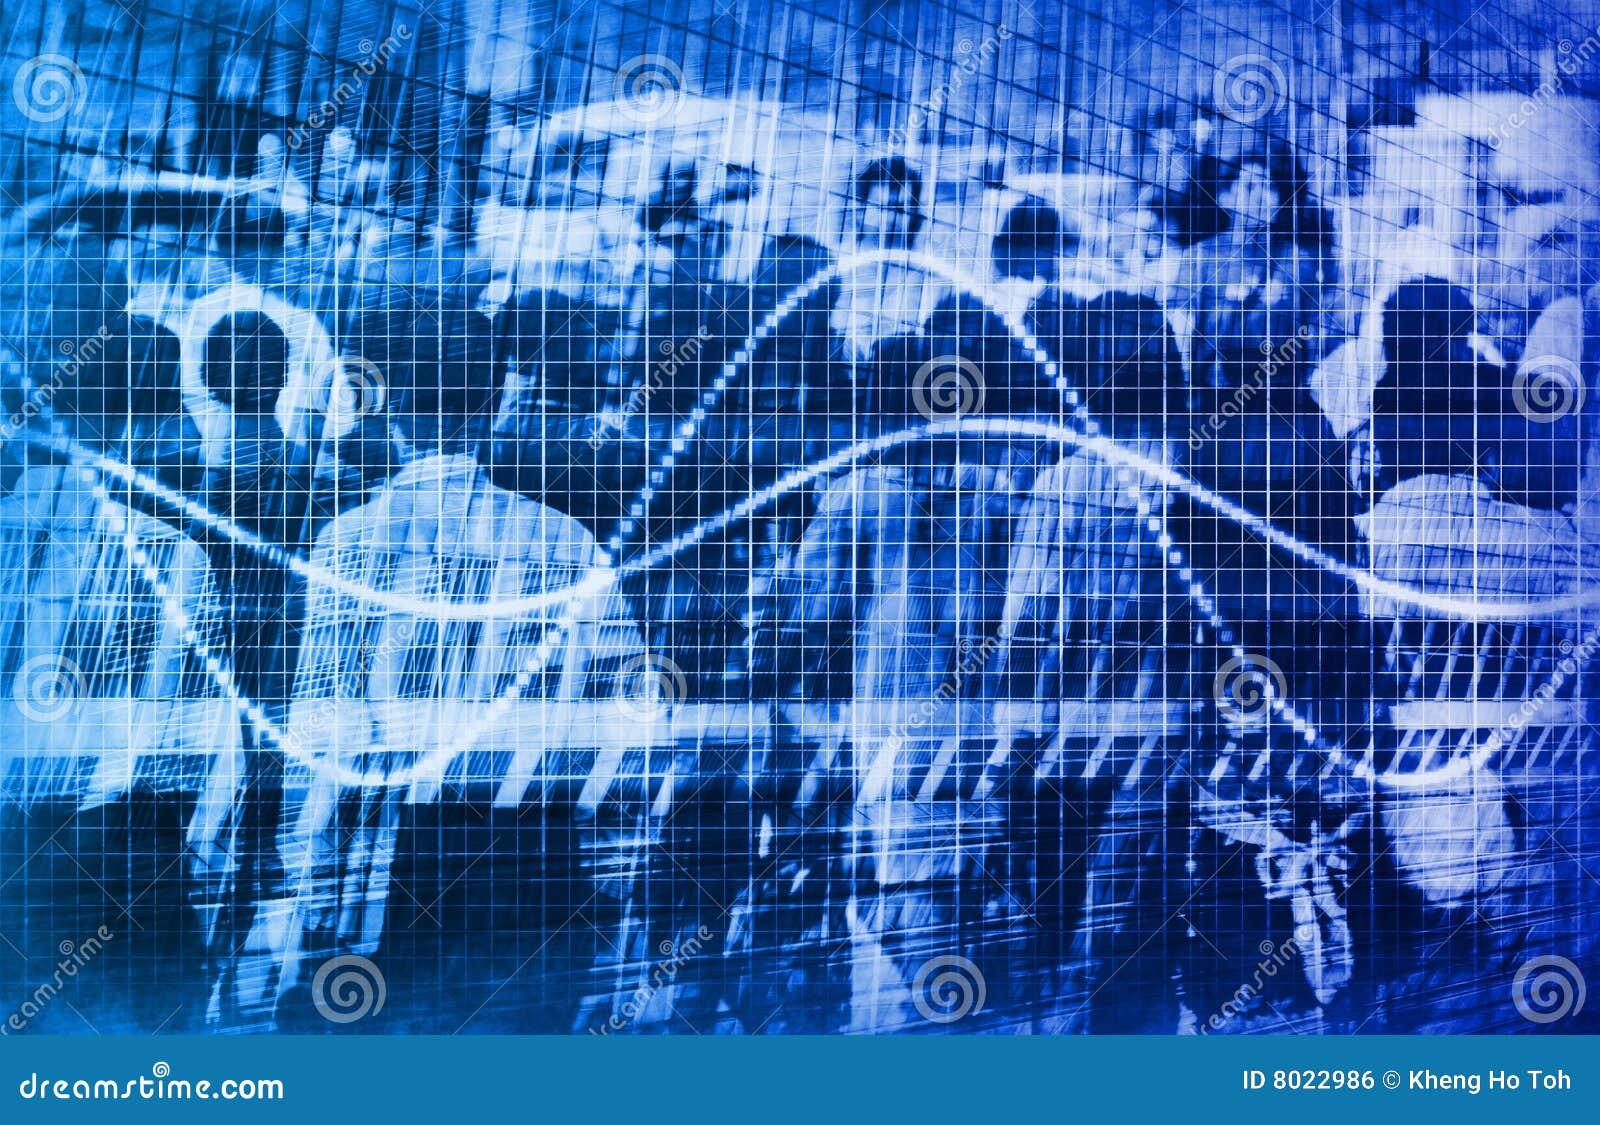 分析数据量万维网